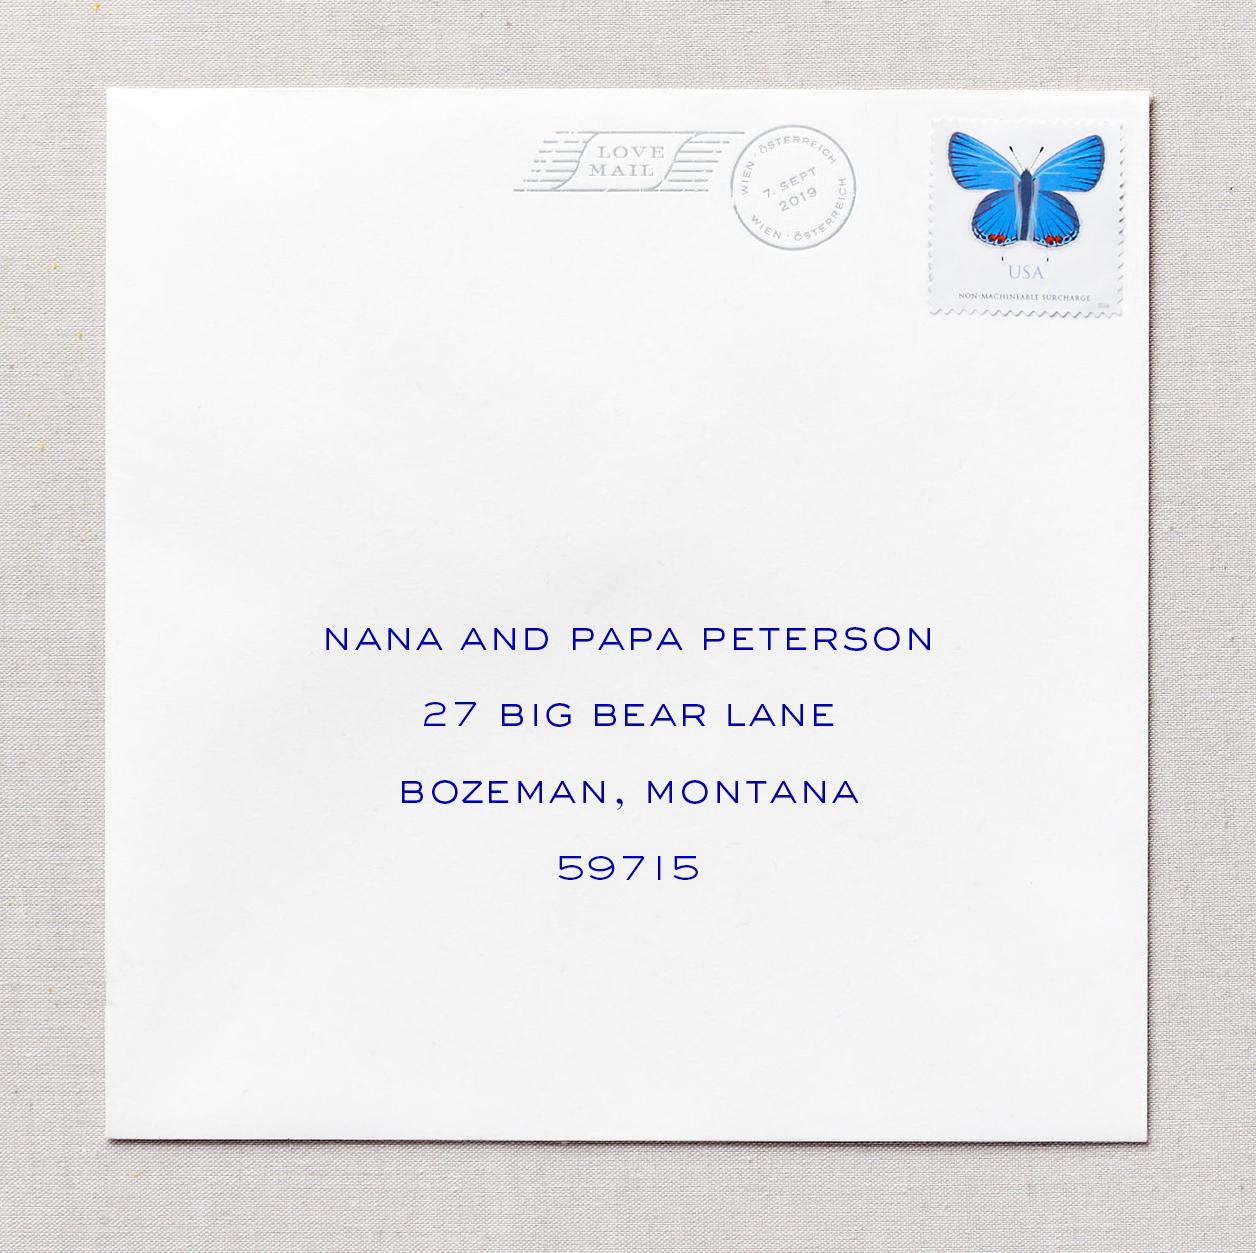 designed envelope